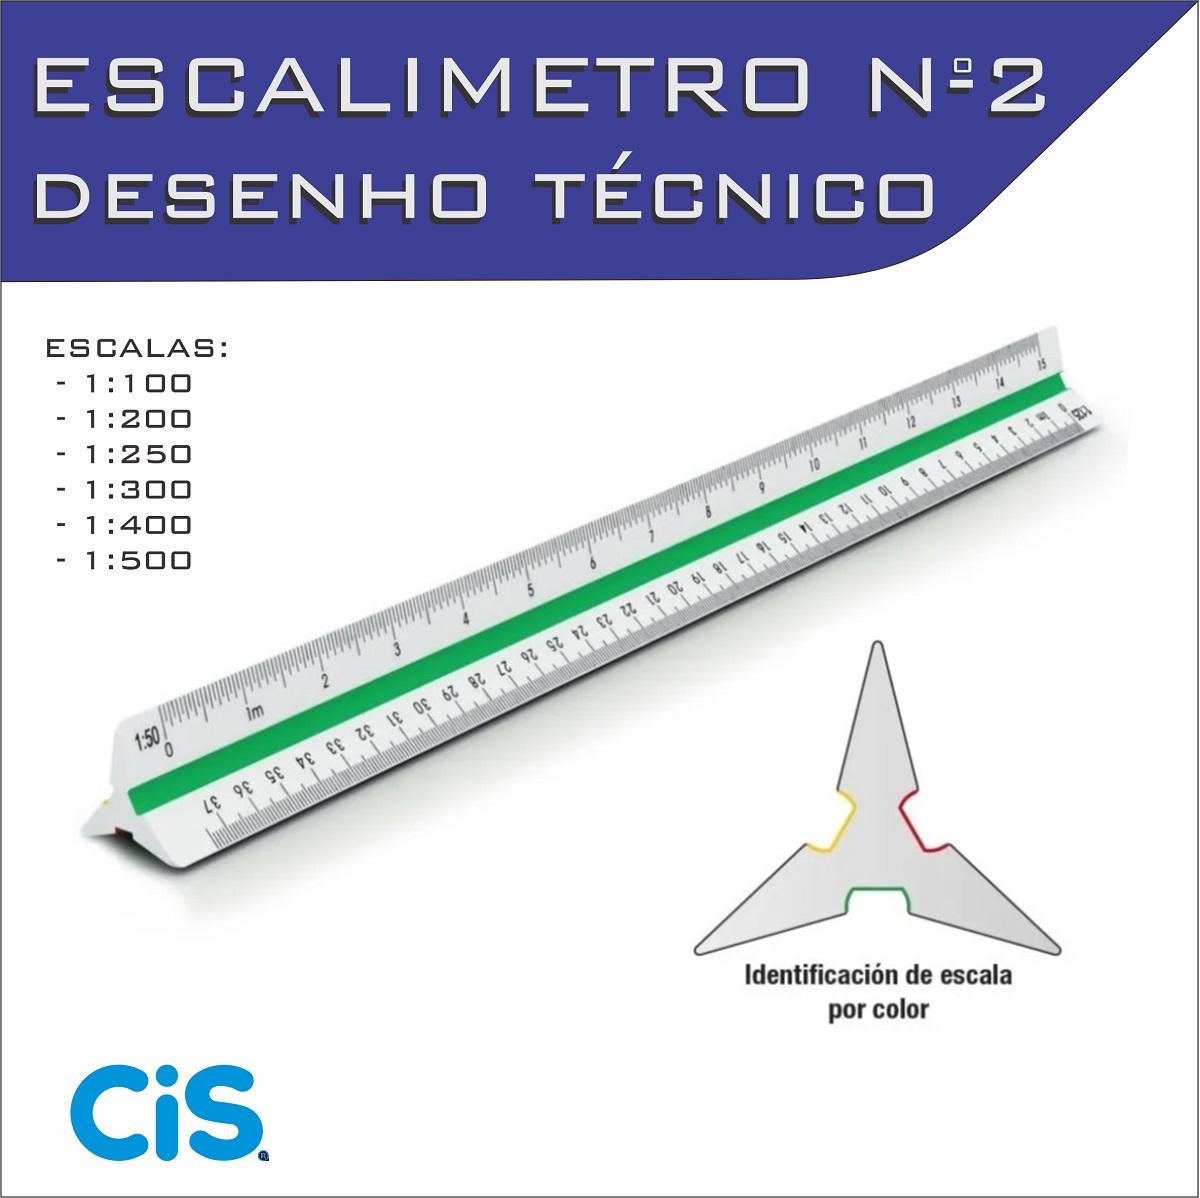 Escalímetro Régua Triangular Plástico 30 Cm N° 2 Cis - Fenix